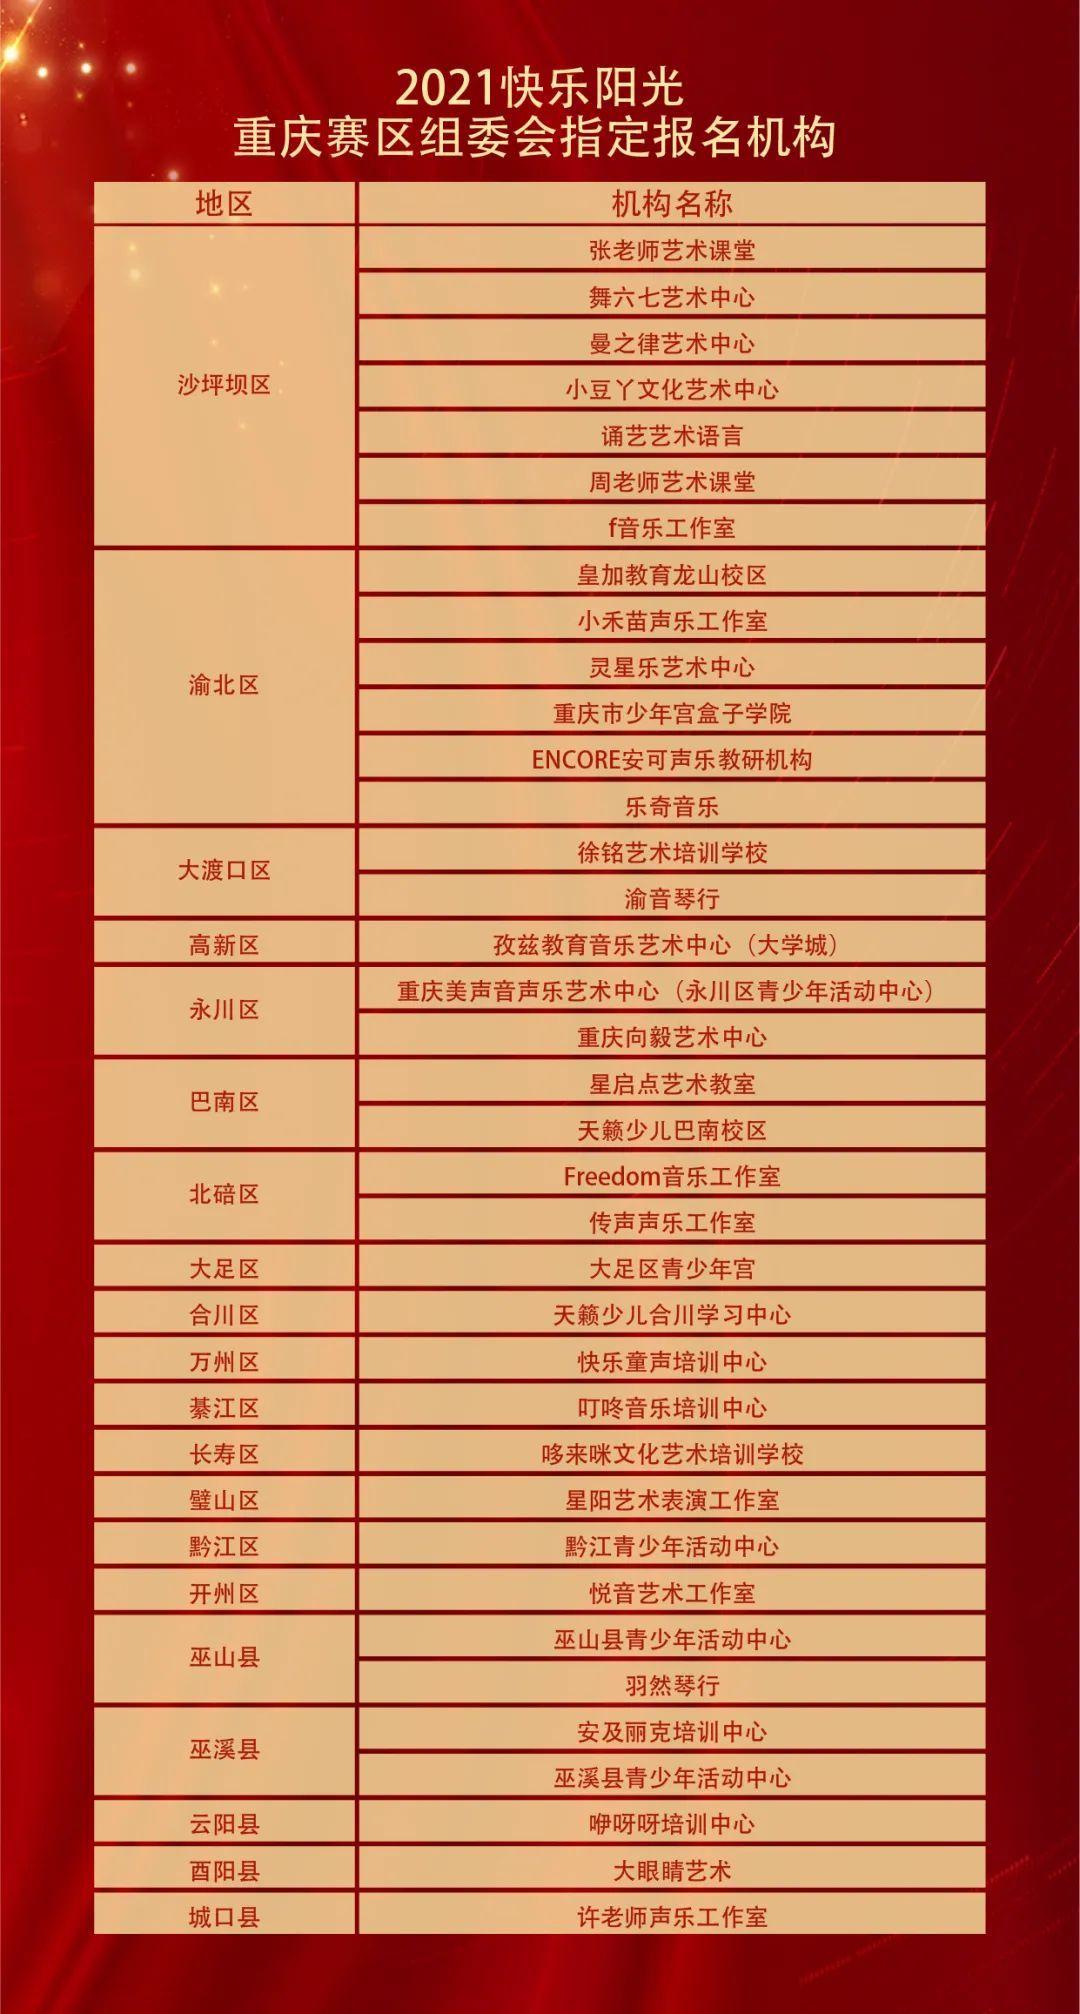 2021快乐阳光【重庆赛区】比赛通知 第9张